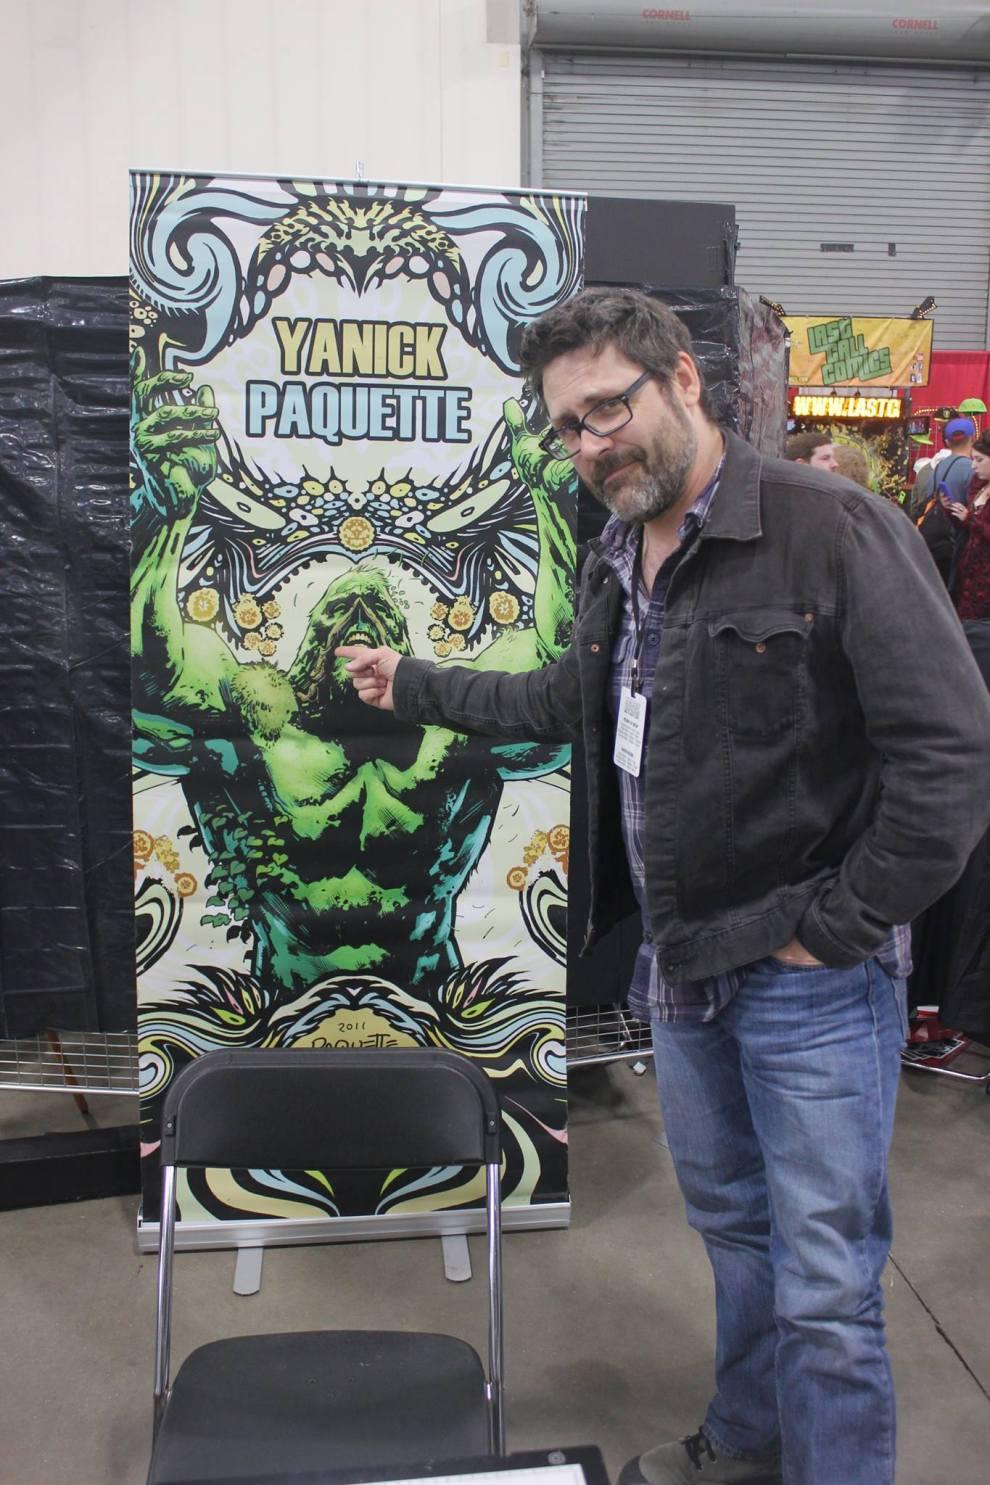 Artist Yanick Paquette